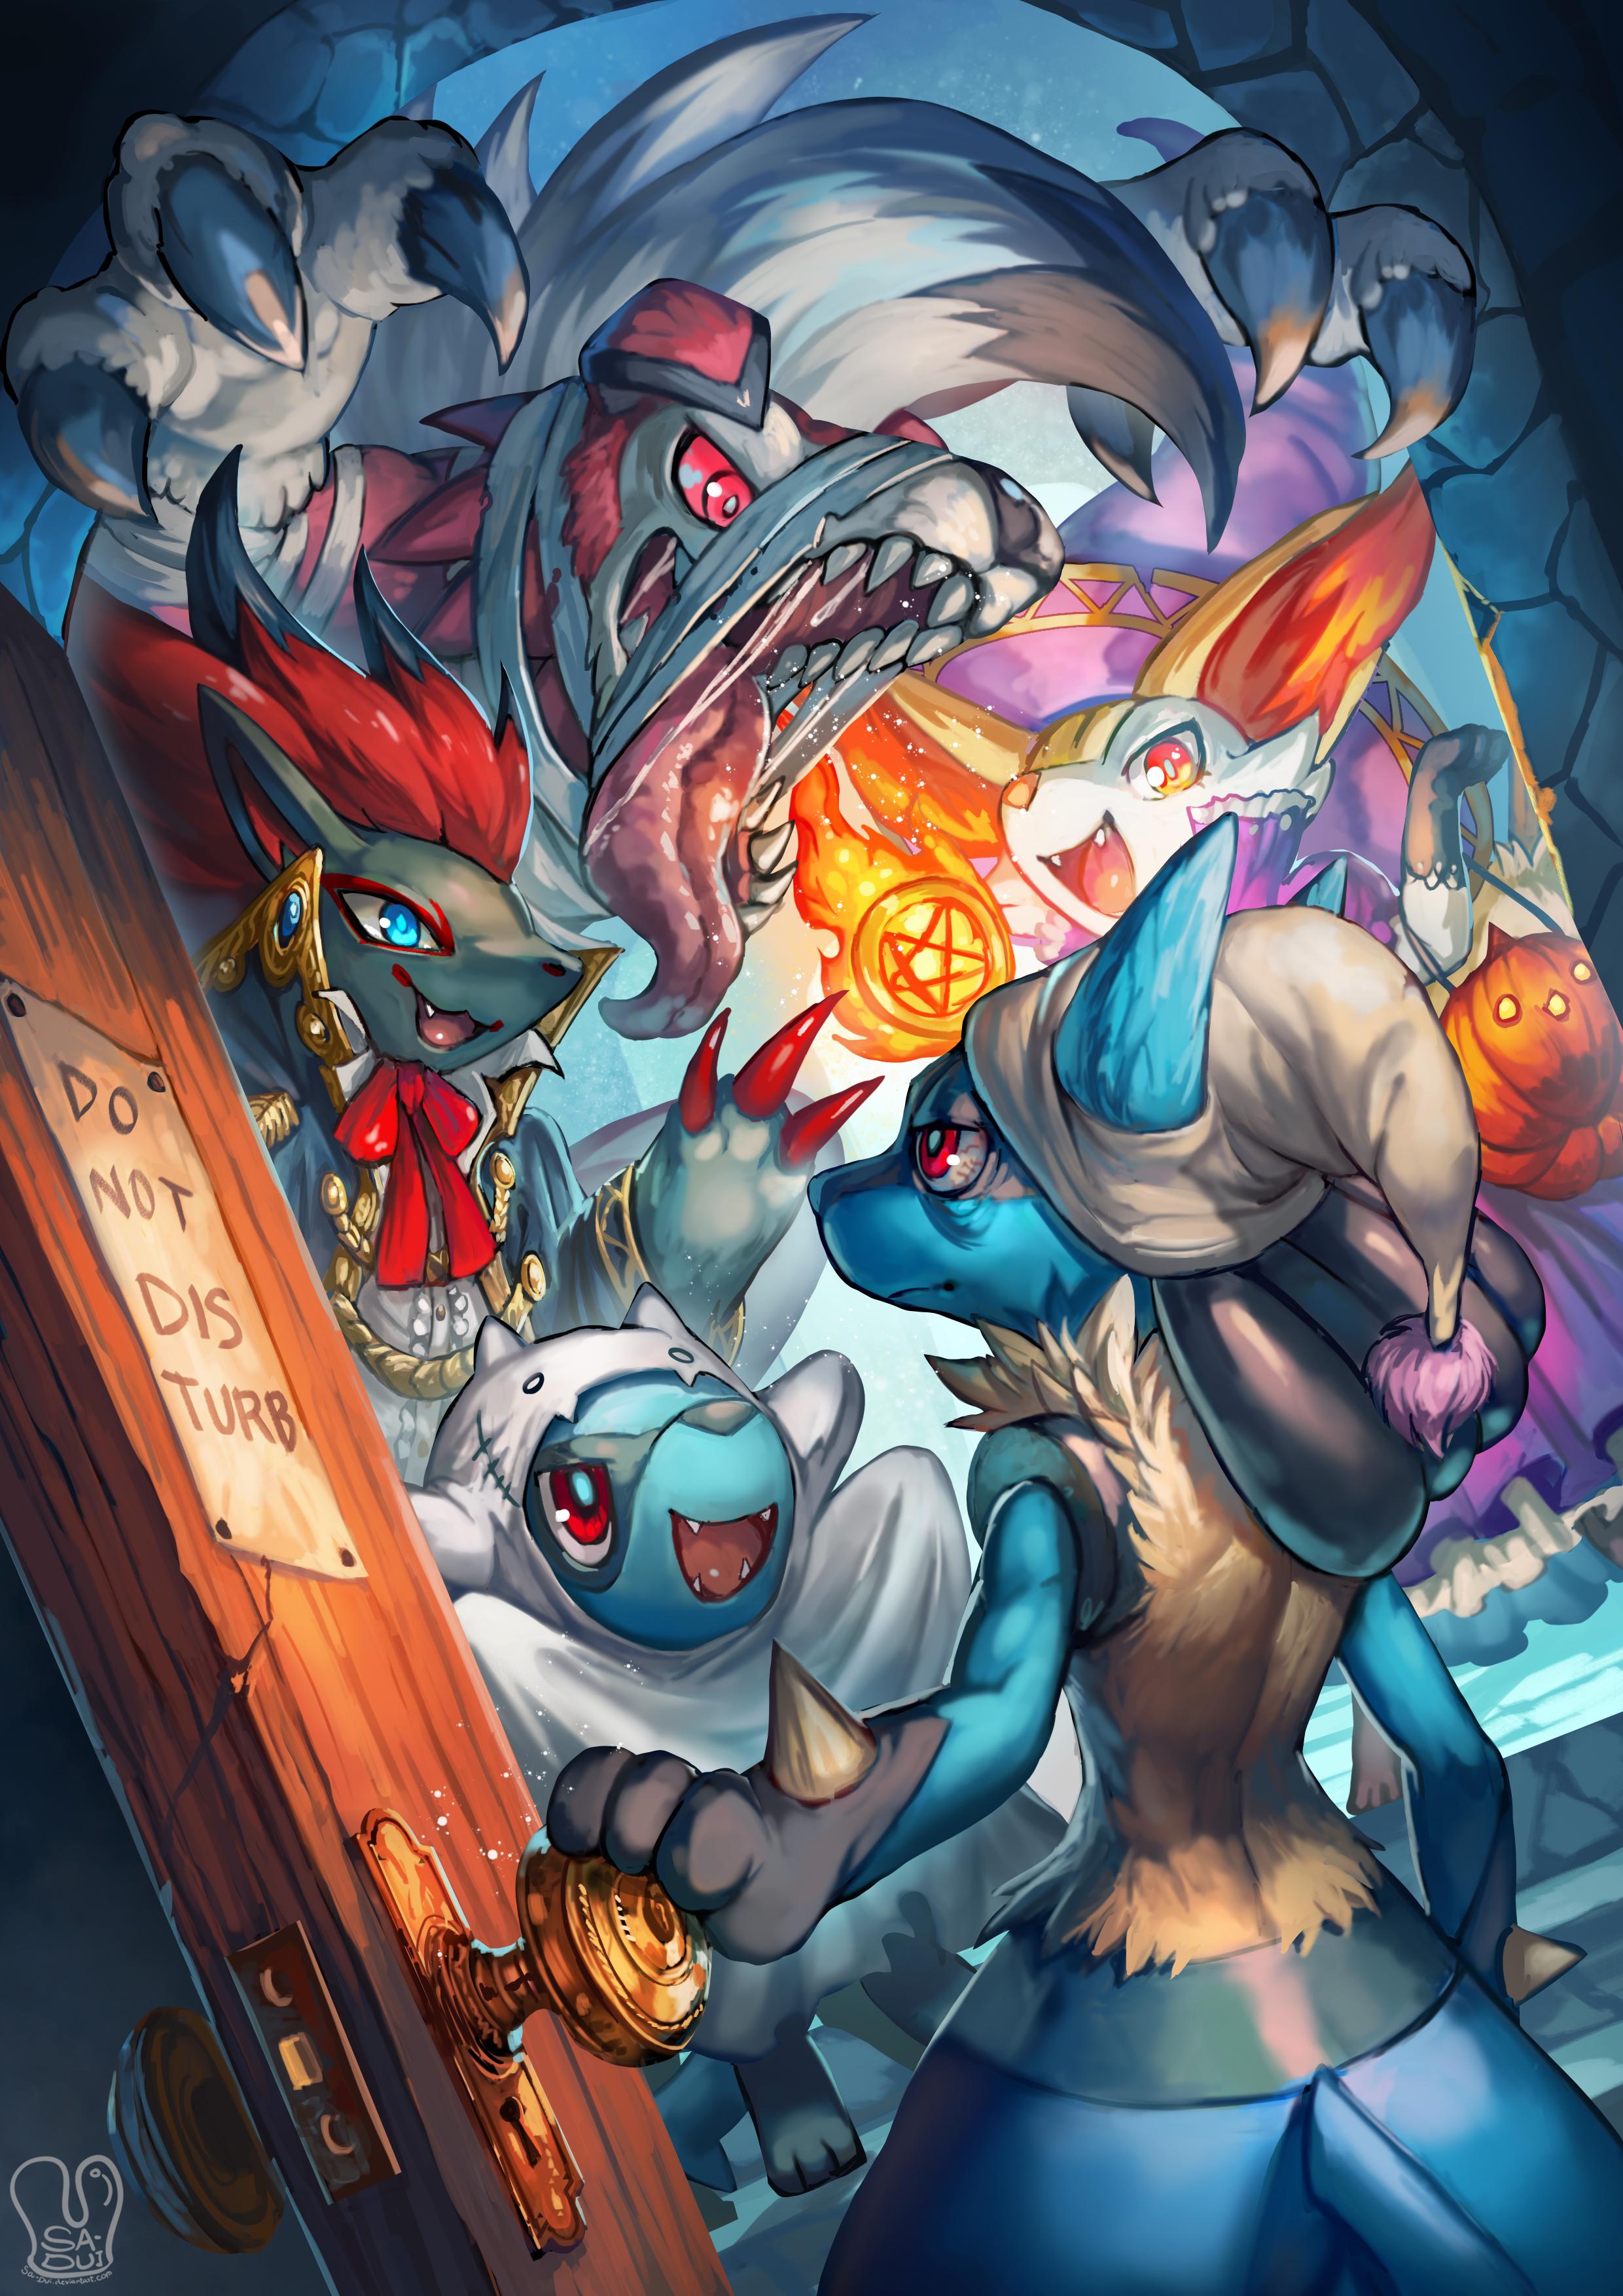 Lucario Gets Woken Up By His Friends Pokémon Know Your Meme